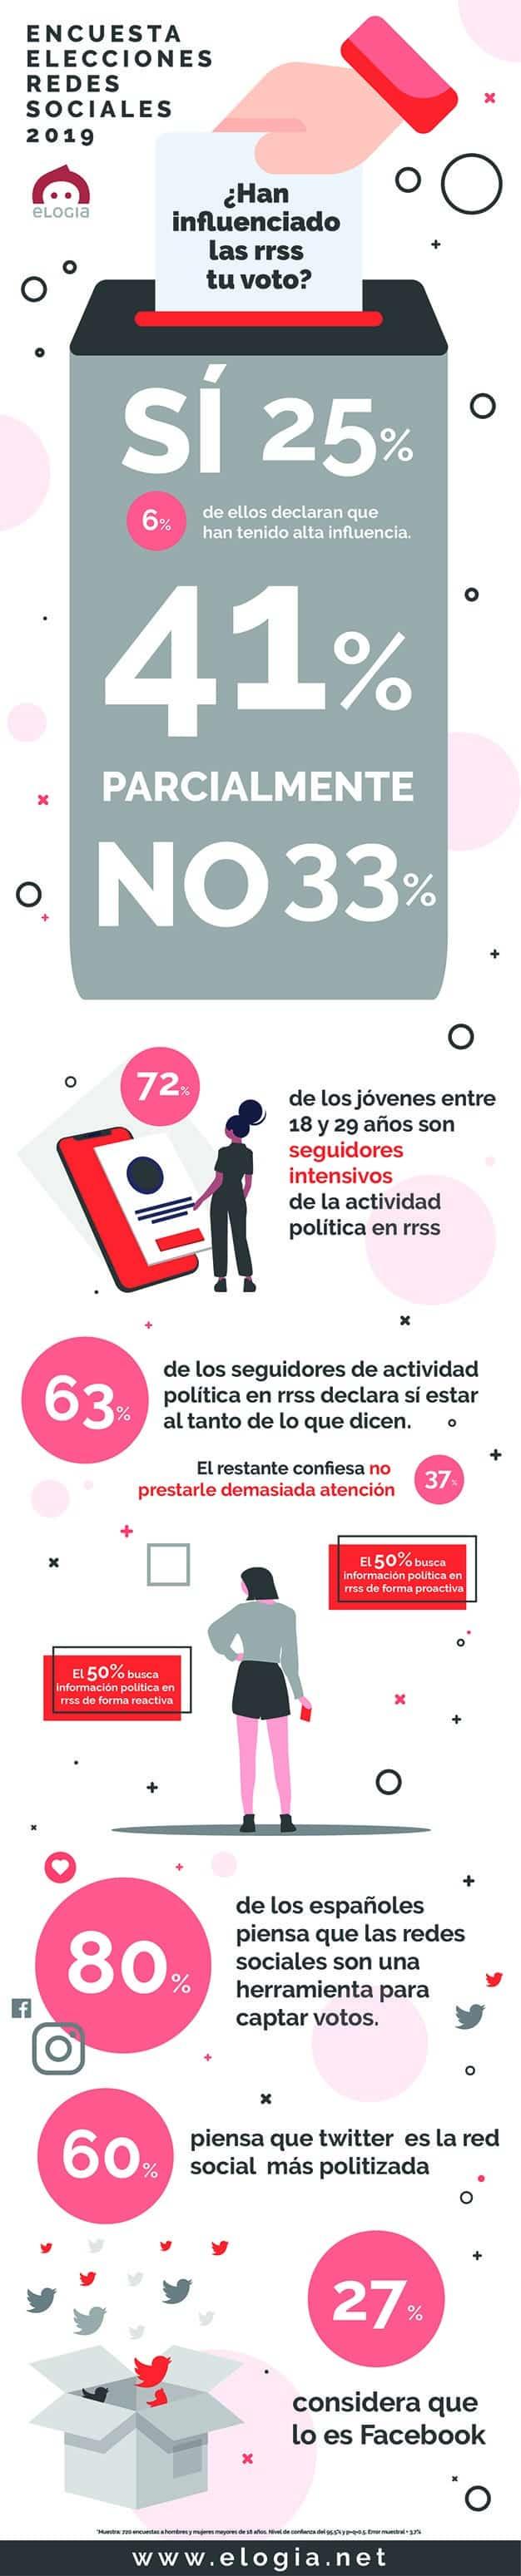 infografía-encuesta-redes-sociales-voto